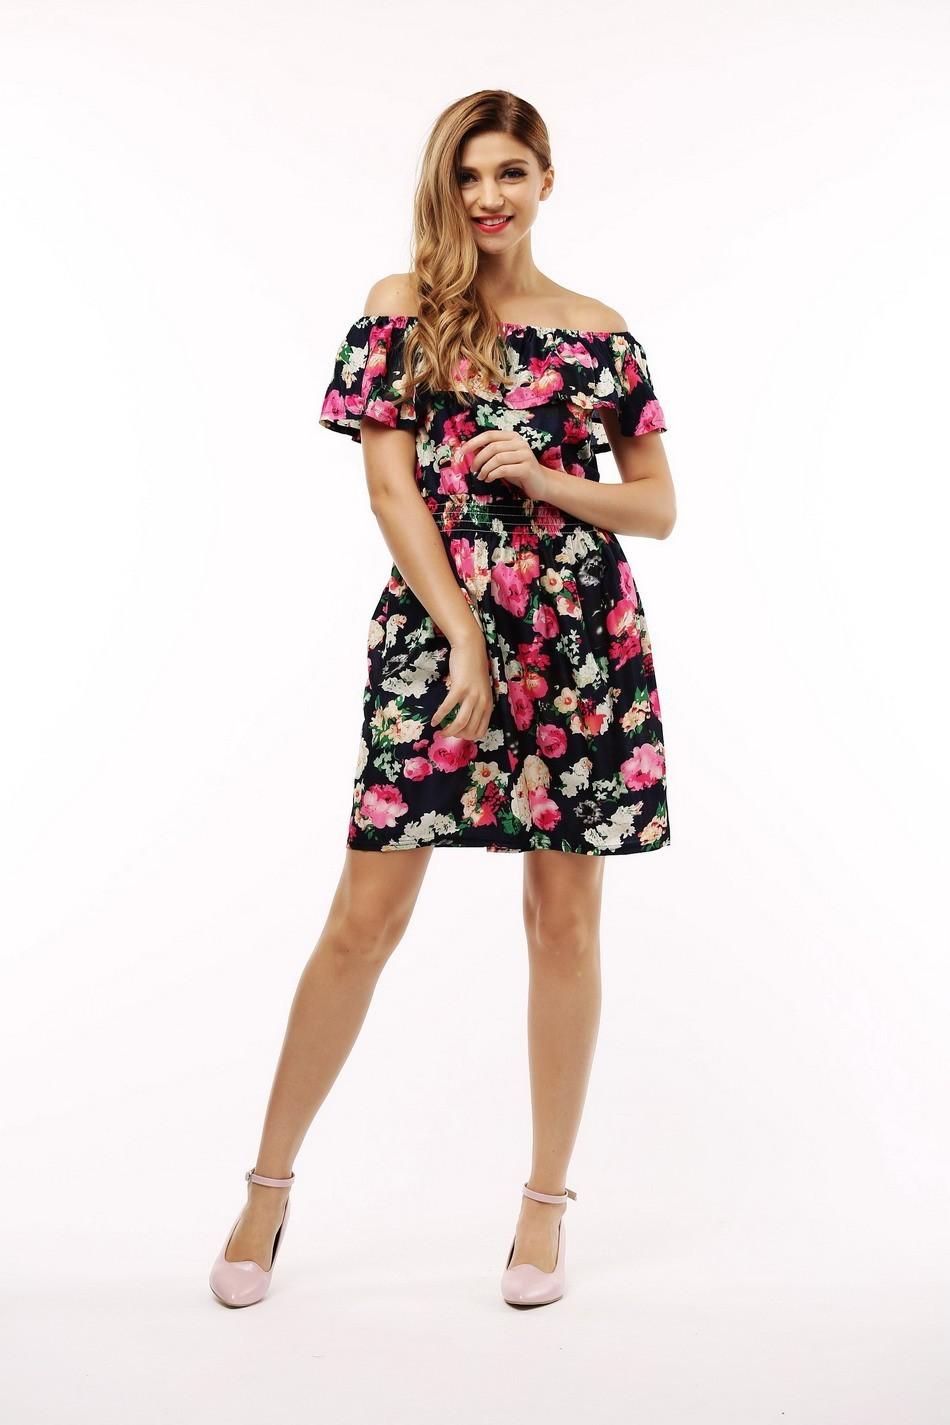 2017 fashion nowa wiosna lato plus size odzież kobiet floral print wzór sukienki na co dzień vestidos wc0472 3